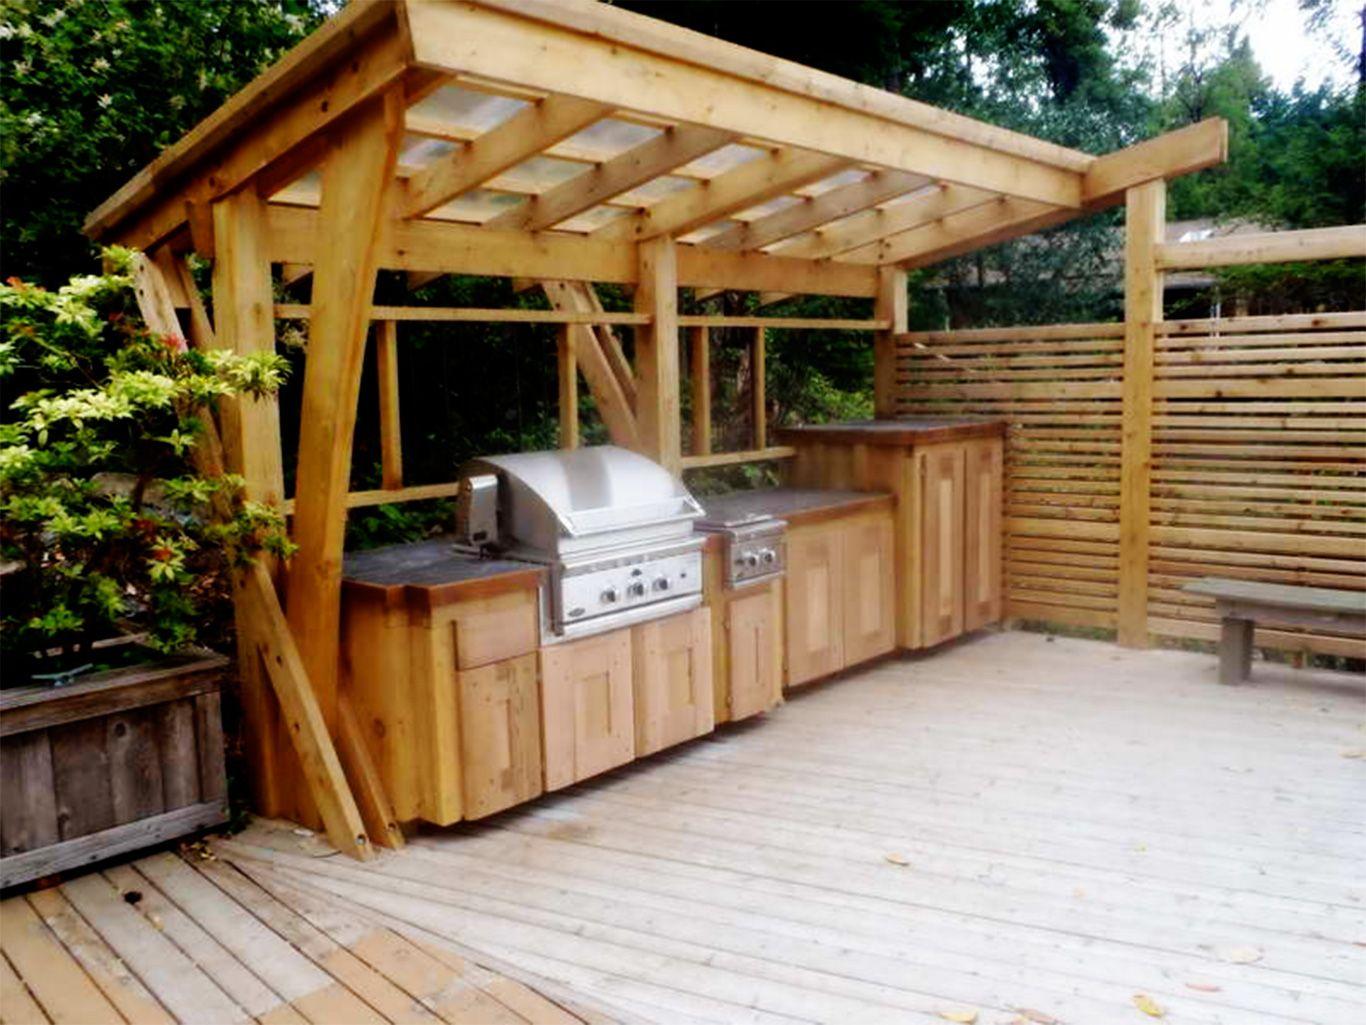 outdoor kitchen designs Outdoor Roof Ideas Outdoor Kitchen Roof Design Gazebo Designs Innovative Outdoor